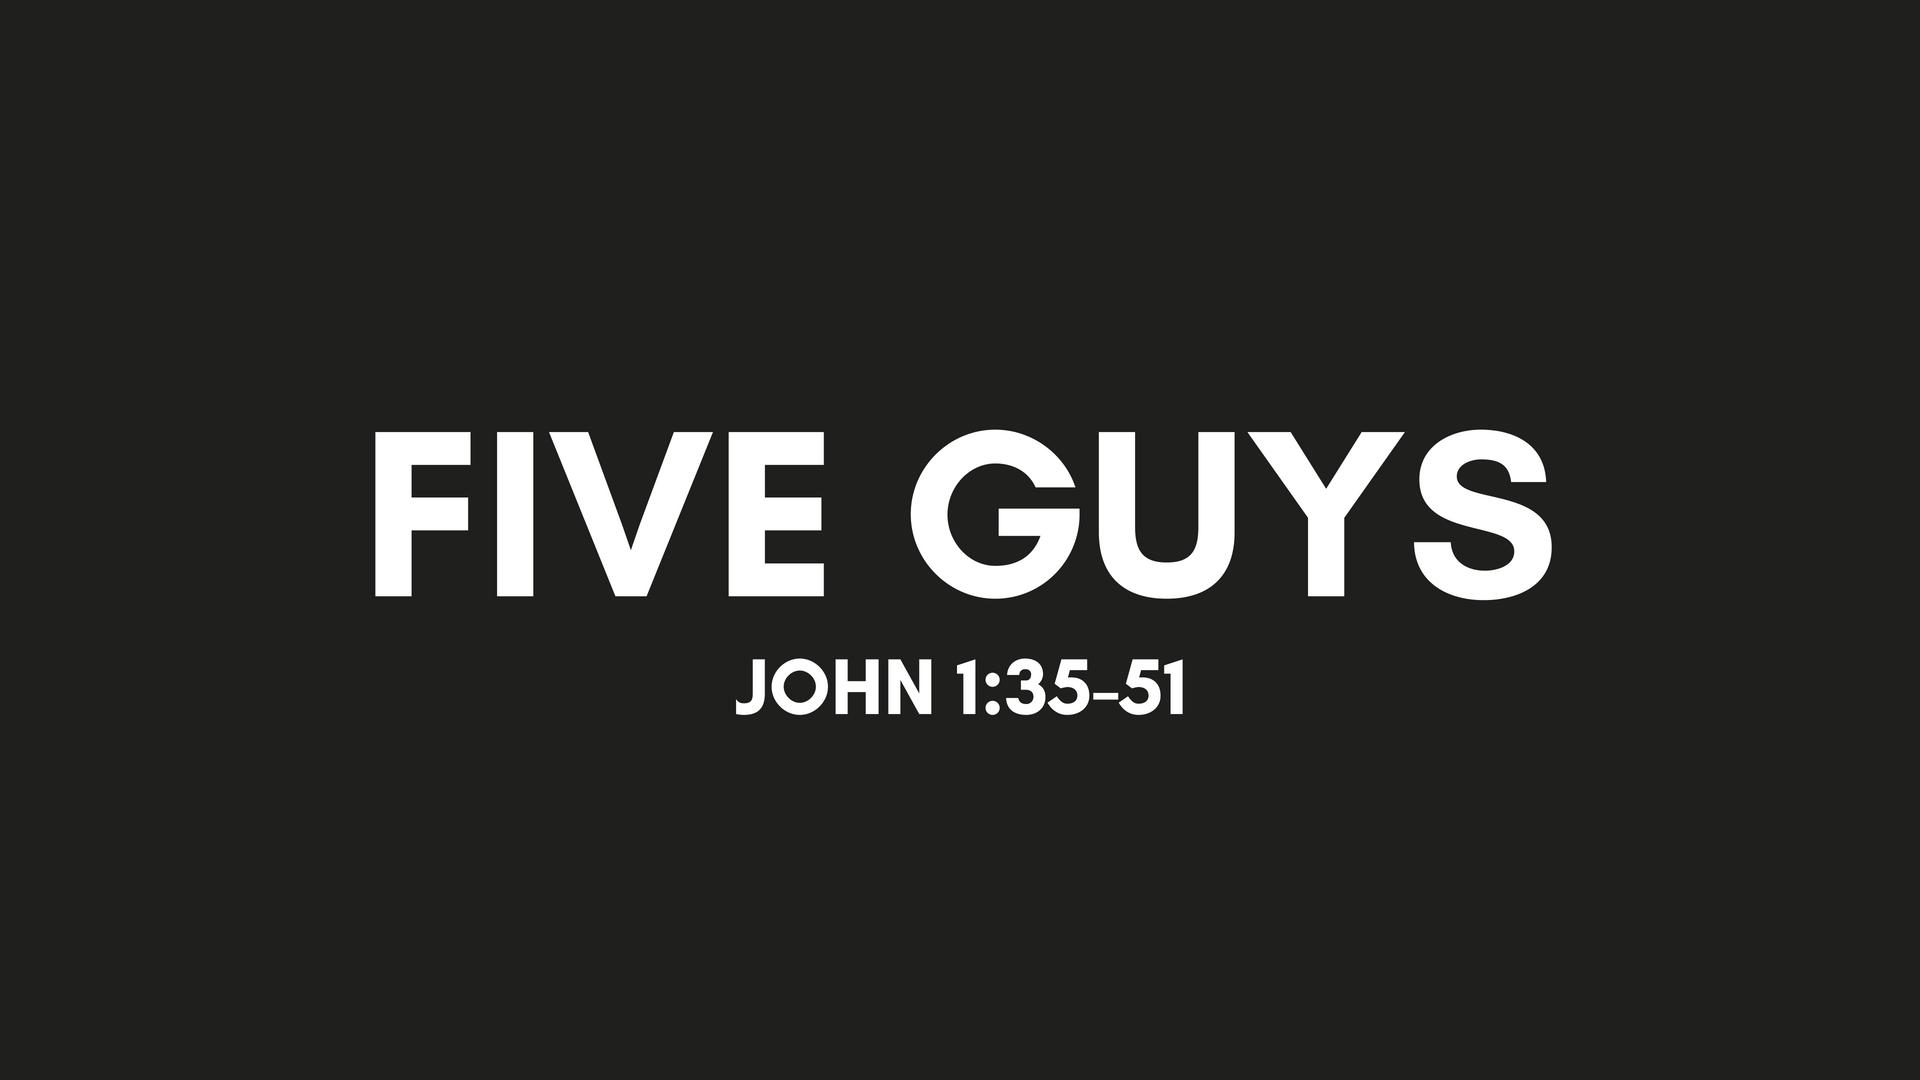 5 Guys.jpg